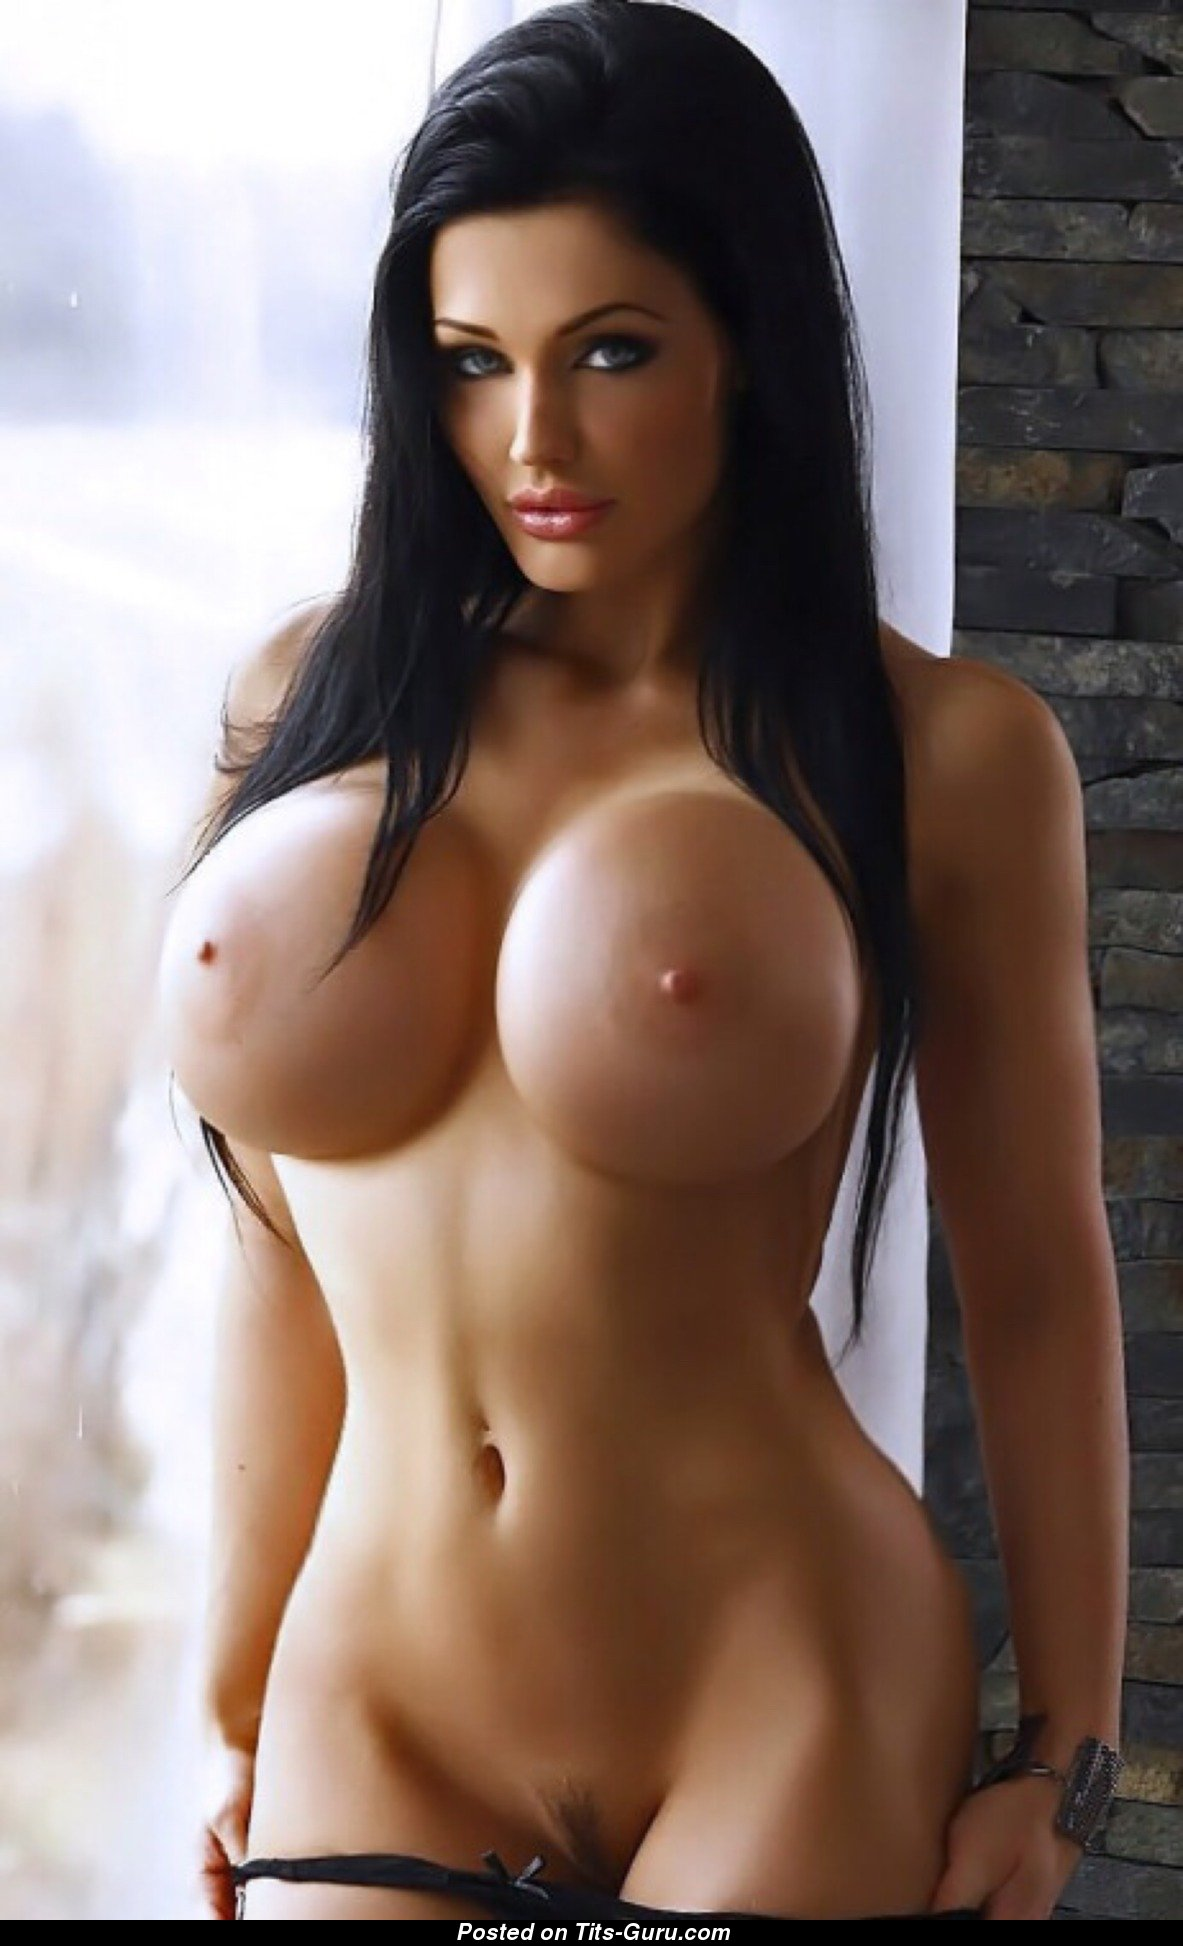 с фото грудью девушки круглой порно